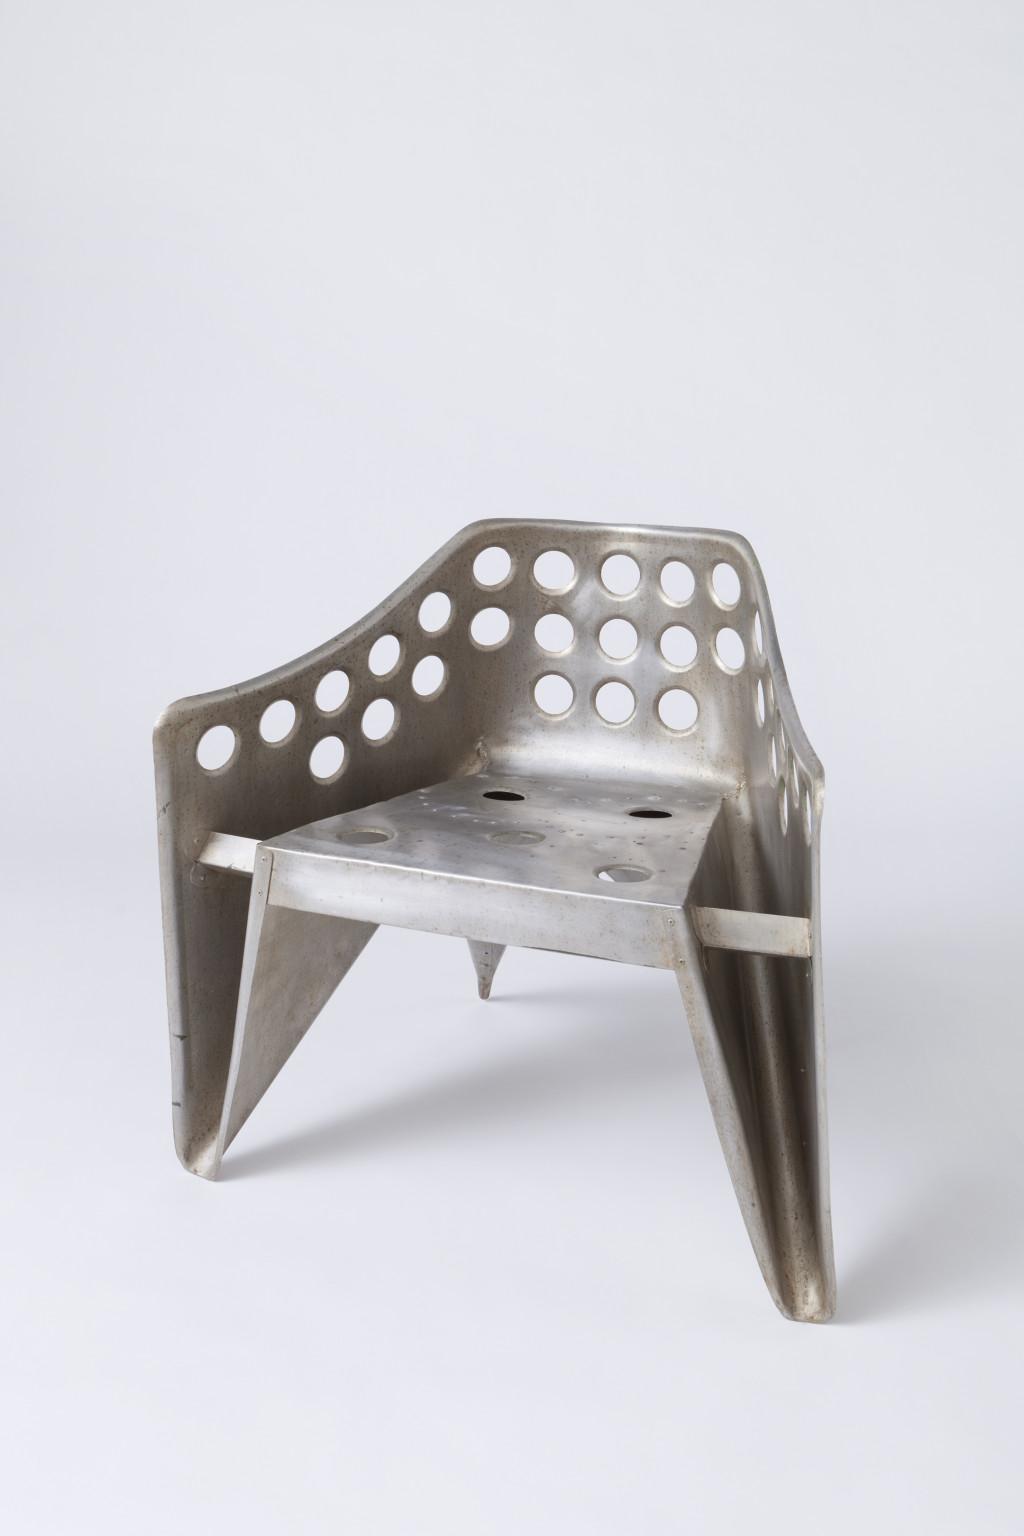 Fig. 3. Gerrit Rietveld, 'Aluminium stoel', 1950-1960, aluminium, Collectie Centraal Museum, Utrecht/ aankoop 2012 © Centraal Museum Utrecht/Adriaan van Dam